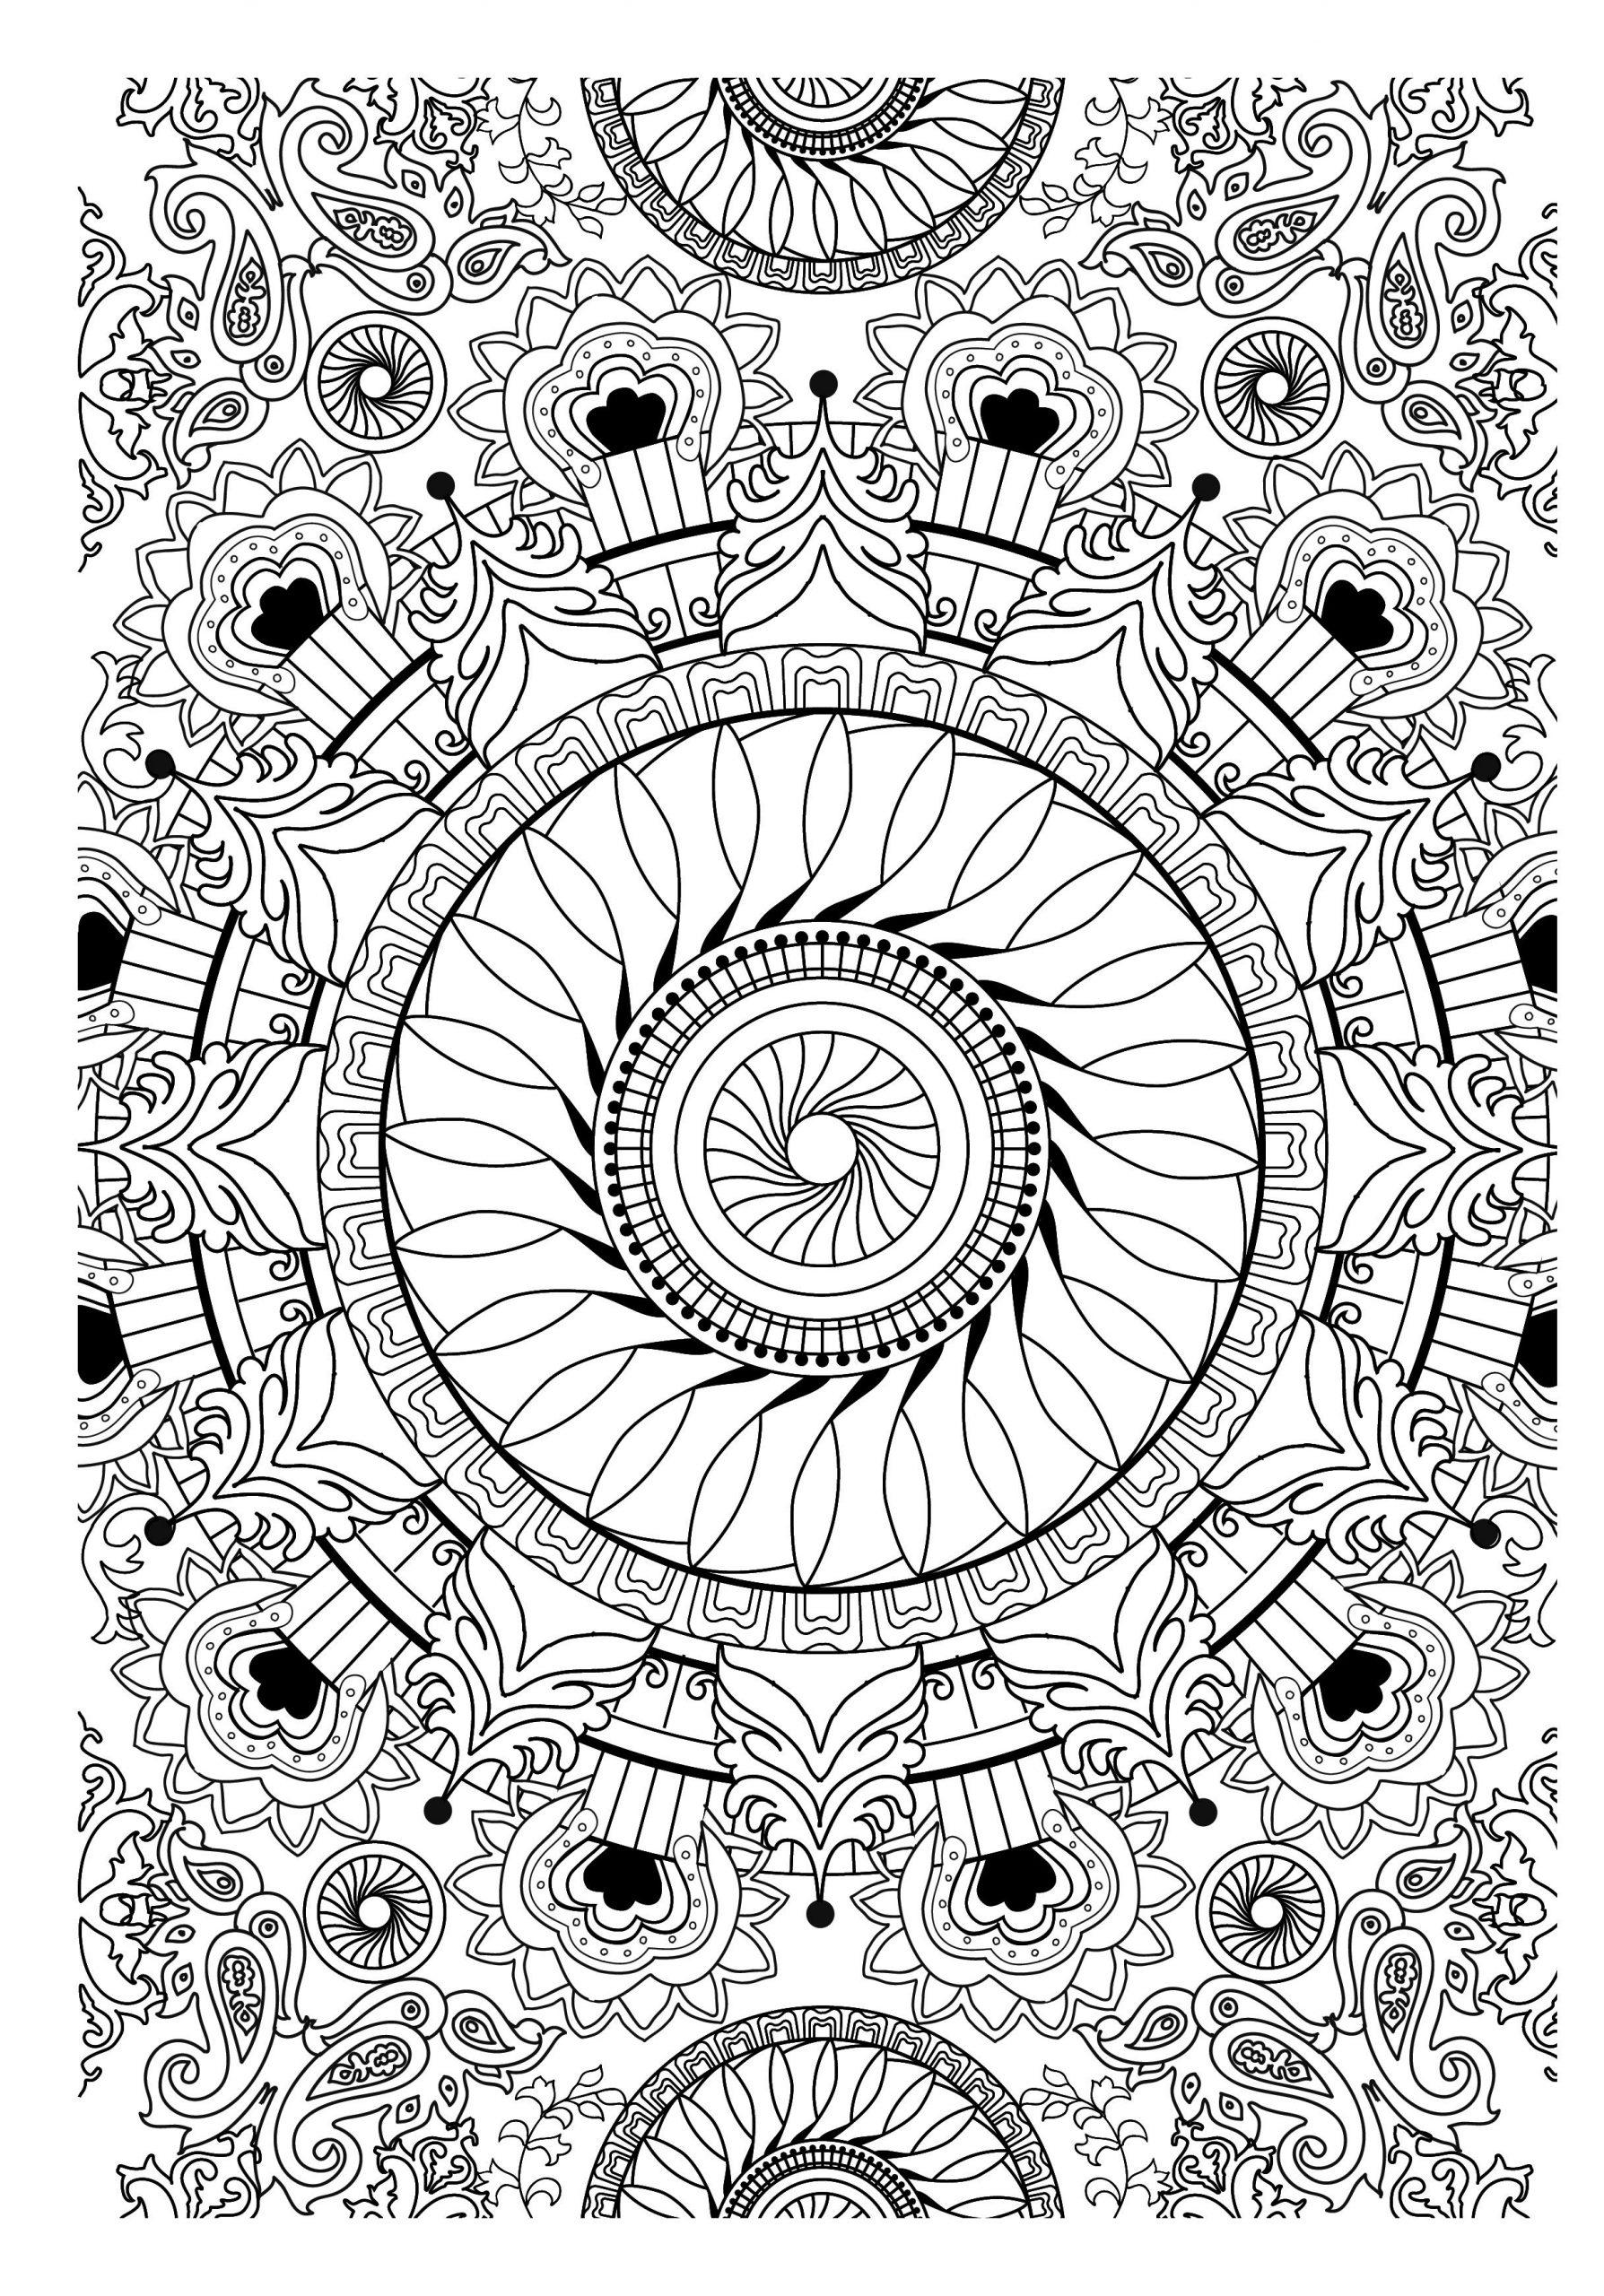 Dessin Anti-Stress À Imprimer #18874   Coloriage Anti Stress tout Coloriage De Mandala Difficile A Imprimer